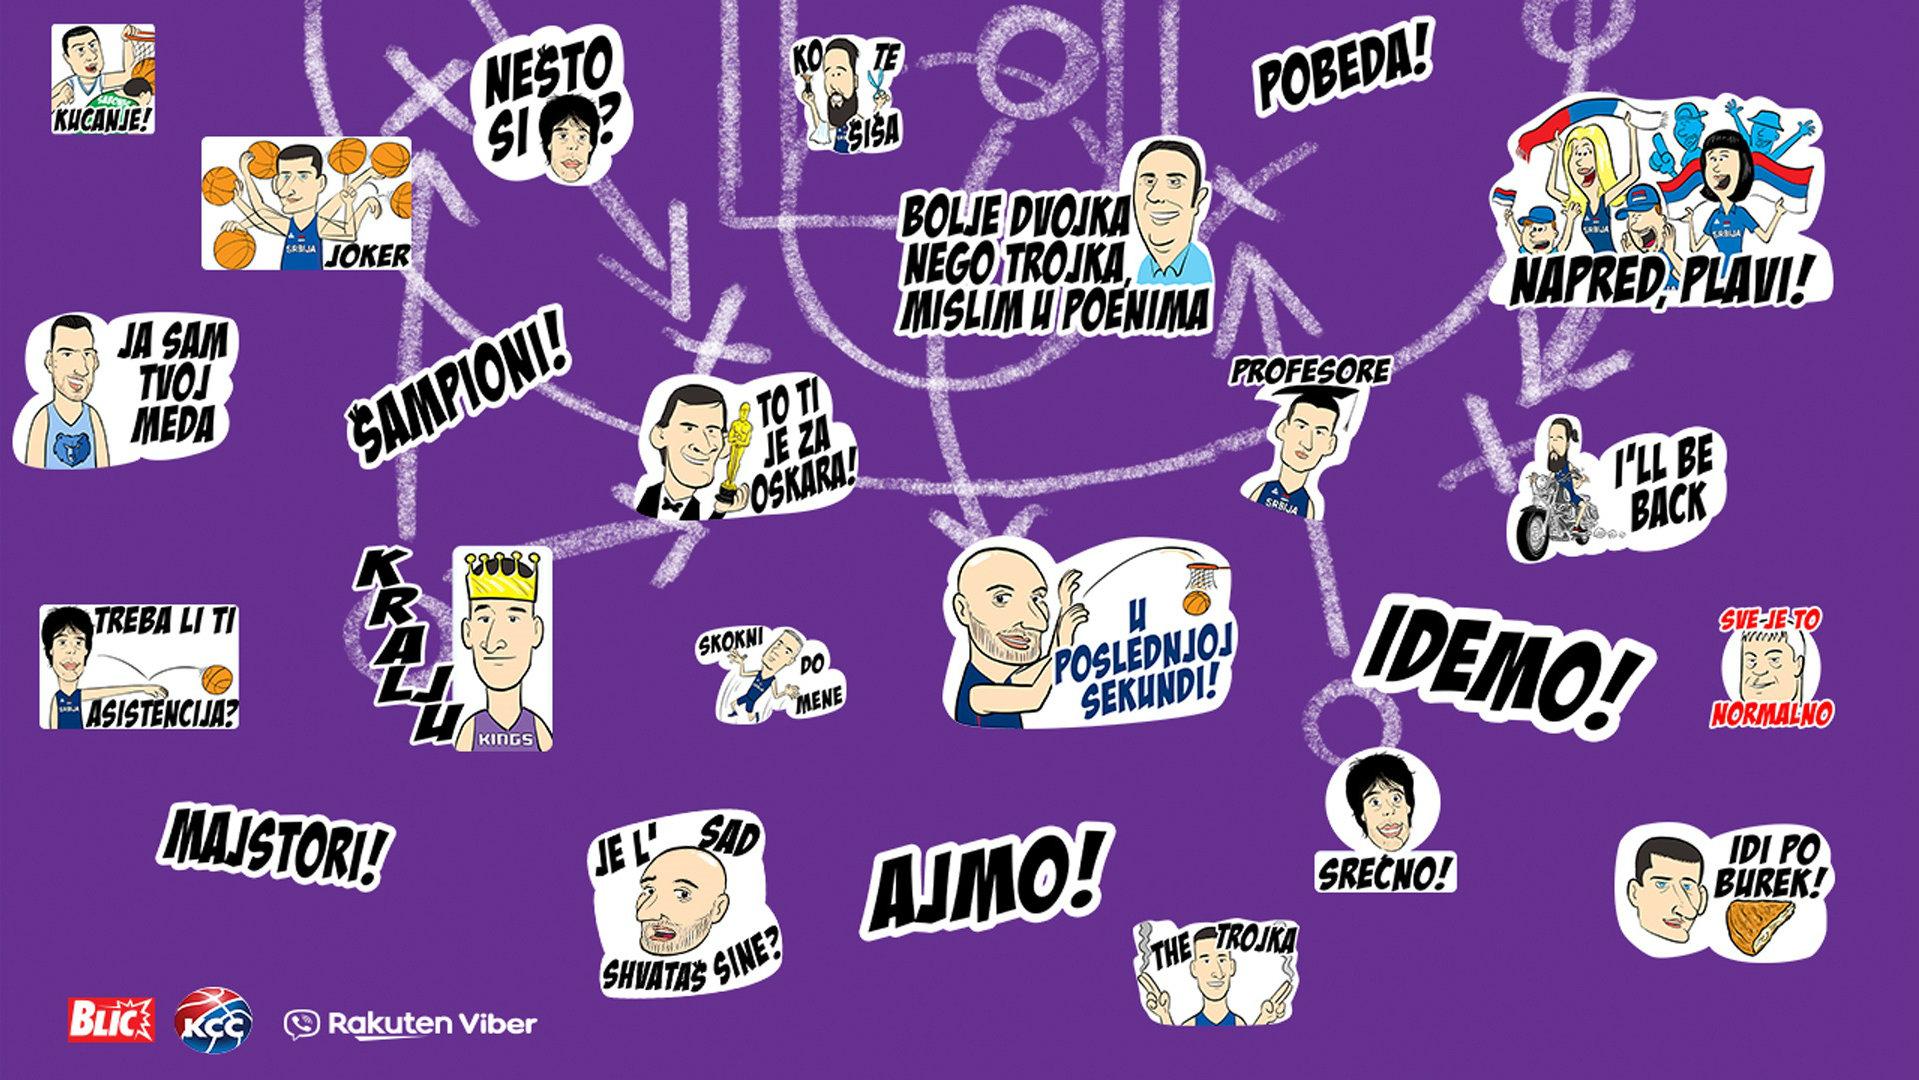 Košarkaška reprezentacija u stikerima besplatno na Viberu (FOTO) 1